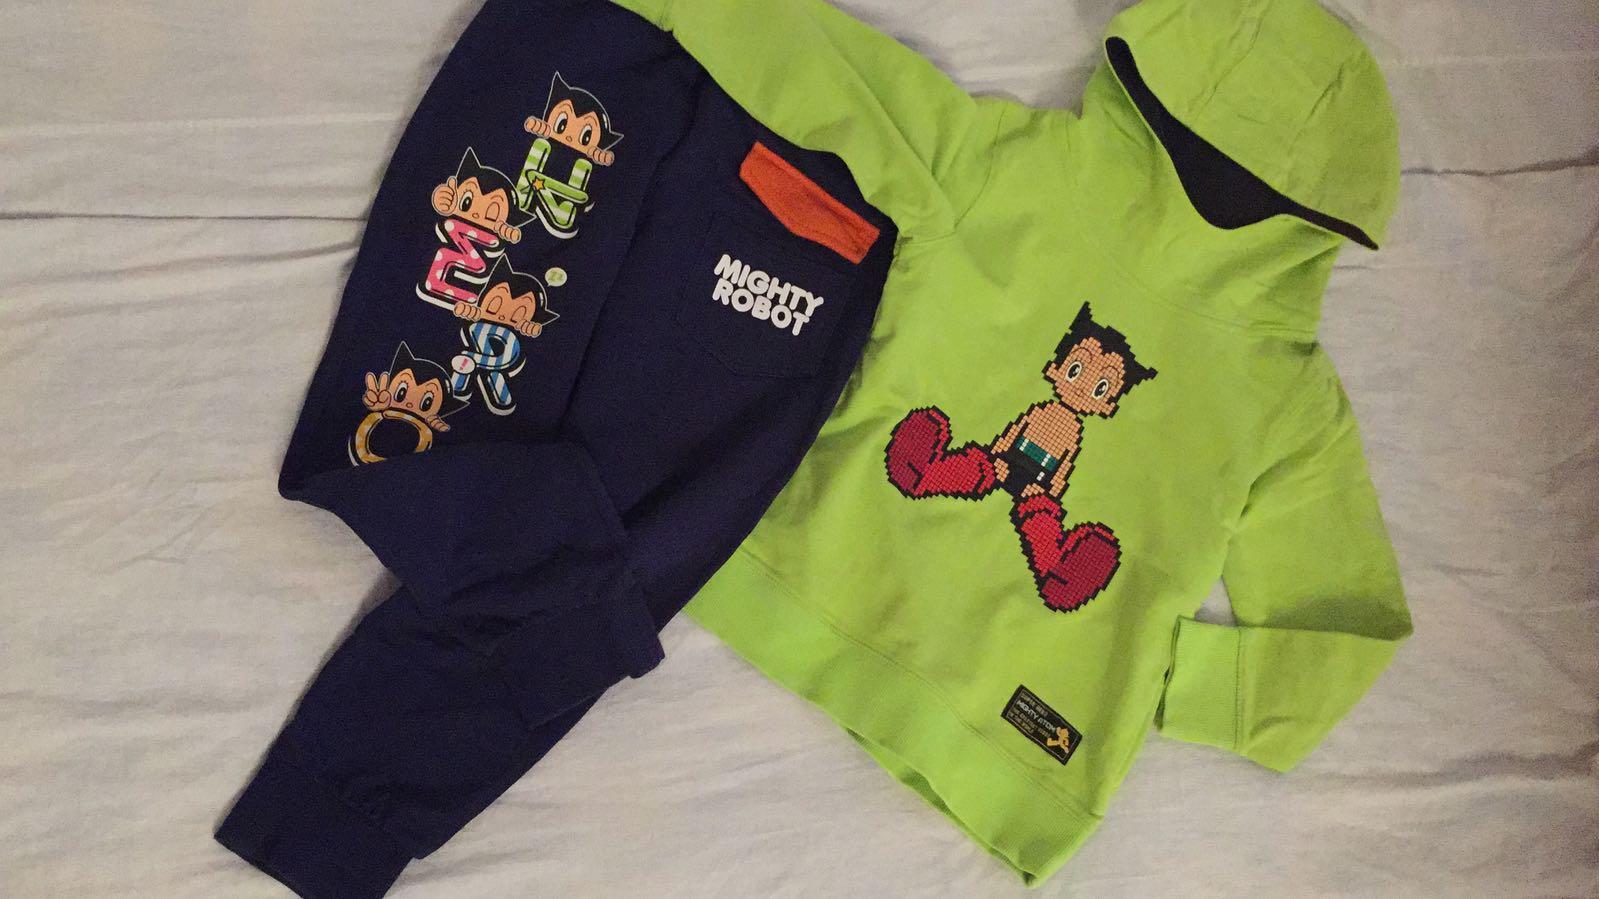 74ecb7cc8 Одежда б/у для мальчика 8 -10 лет, Рюкзачок 2-3 годика - Одежда и ...